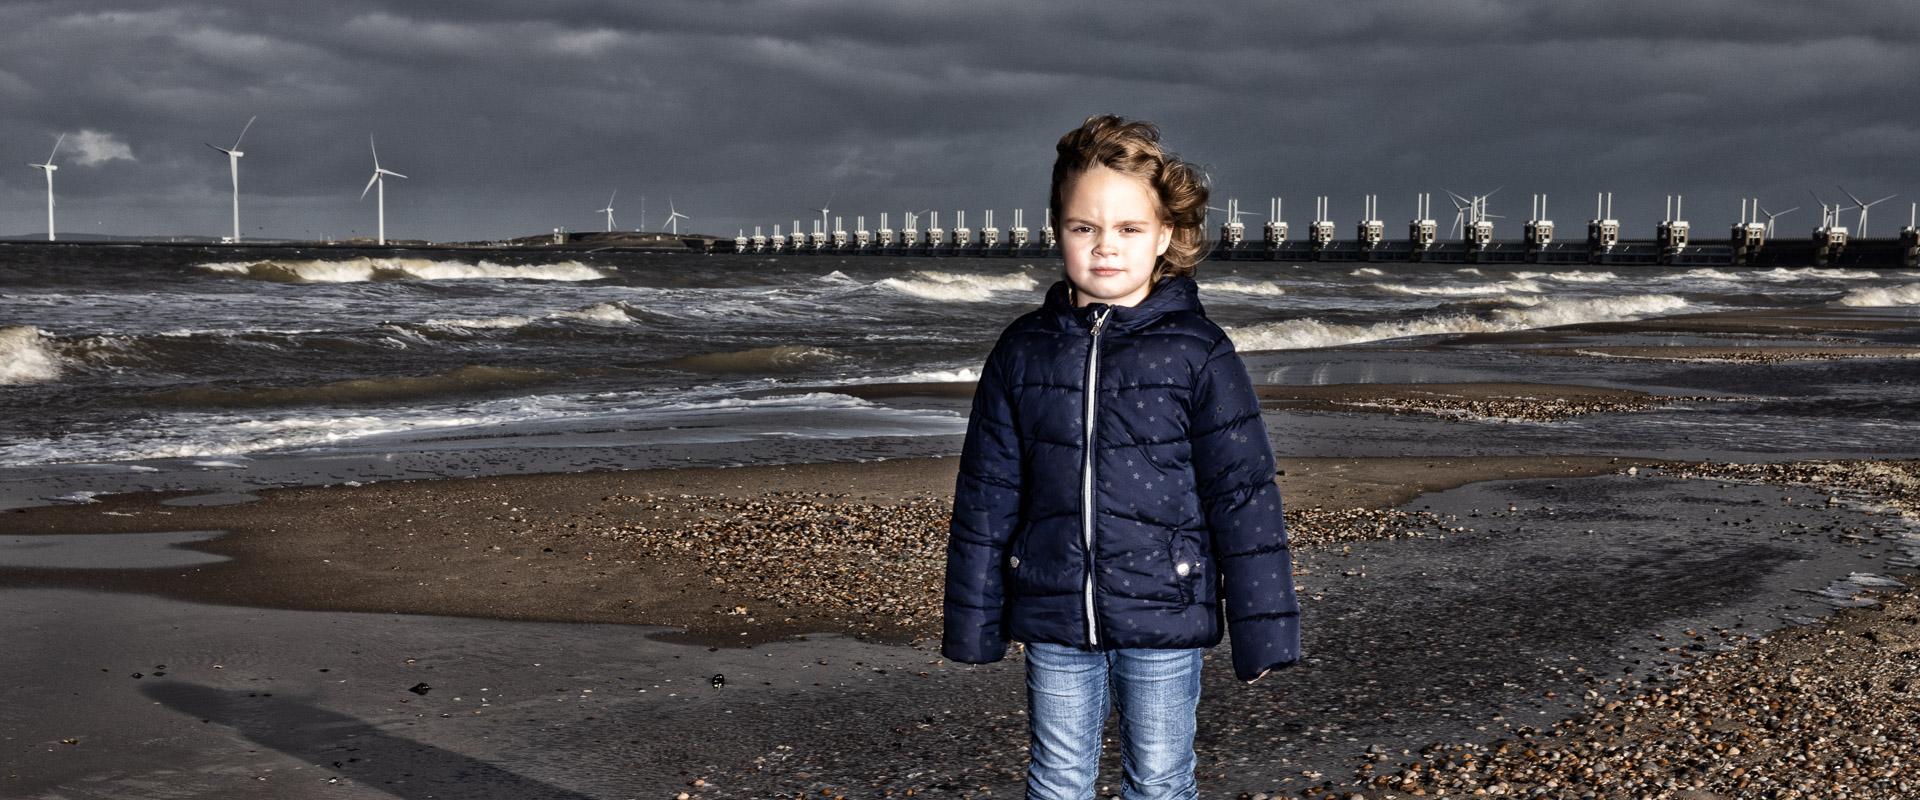 fotoshoot op strand bij Kamperkland, Oosterscheldedam, flits, portretfoto, fotograaf